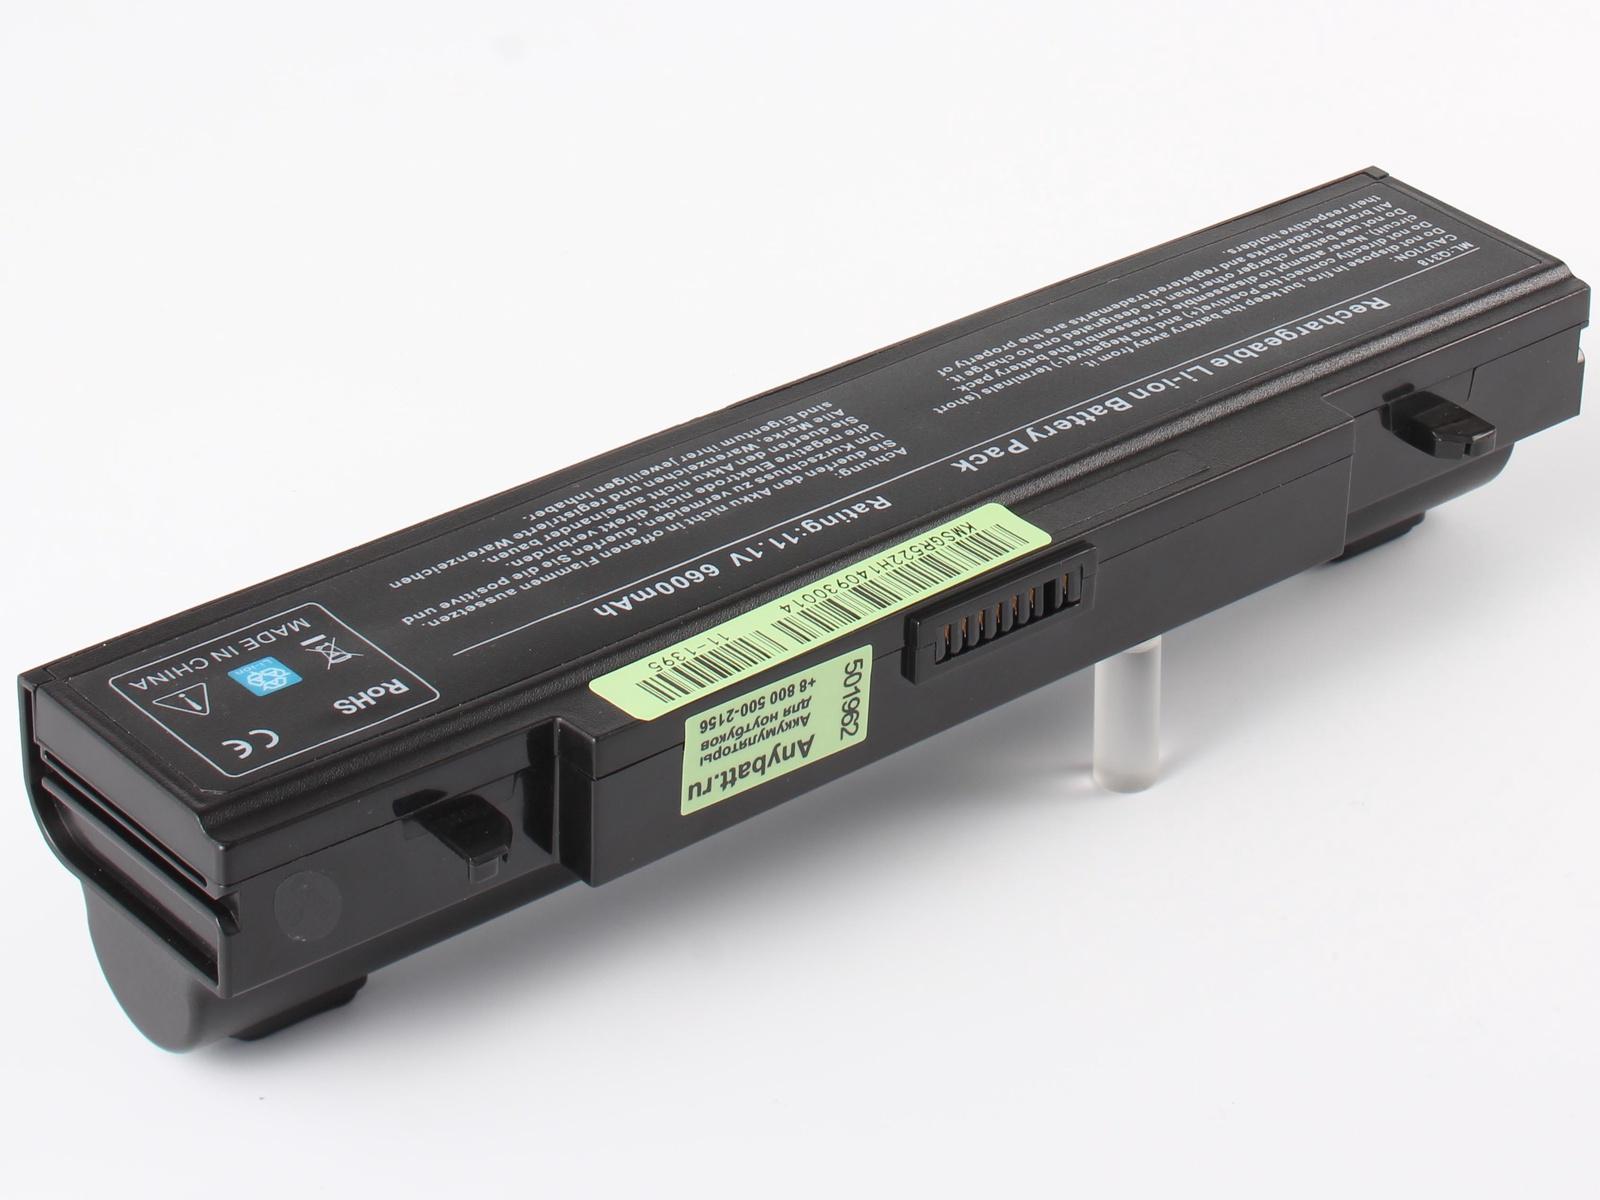 Аккумулятор для ноутбука AnyBatt для Samsung RC510-S03, RC720-S01, RV515-S01, RV515-S07, RV520-A01, R730-JB02, RC510-S05, RF510-S02, RV408-A01, RV511-S0A, RC530-S08, RV440, RV508-A02, RV509-A01, RV510-A02, RV511-S04, RV511-S05 аккумулятор для ноутбука ibatt для samsung rc510 s03 rc720 s01 rv515 s01 rv515 s07 rv520 a01 270e5e x06 300v4a a04 300v5a s0w 305v5a a01 350v5c s1f 550p5c s01 r425 js02 r528 da01 r730 jb02 rc510 s05 rf510 s02